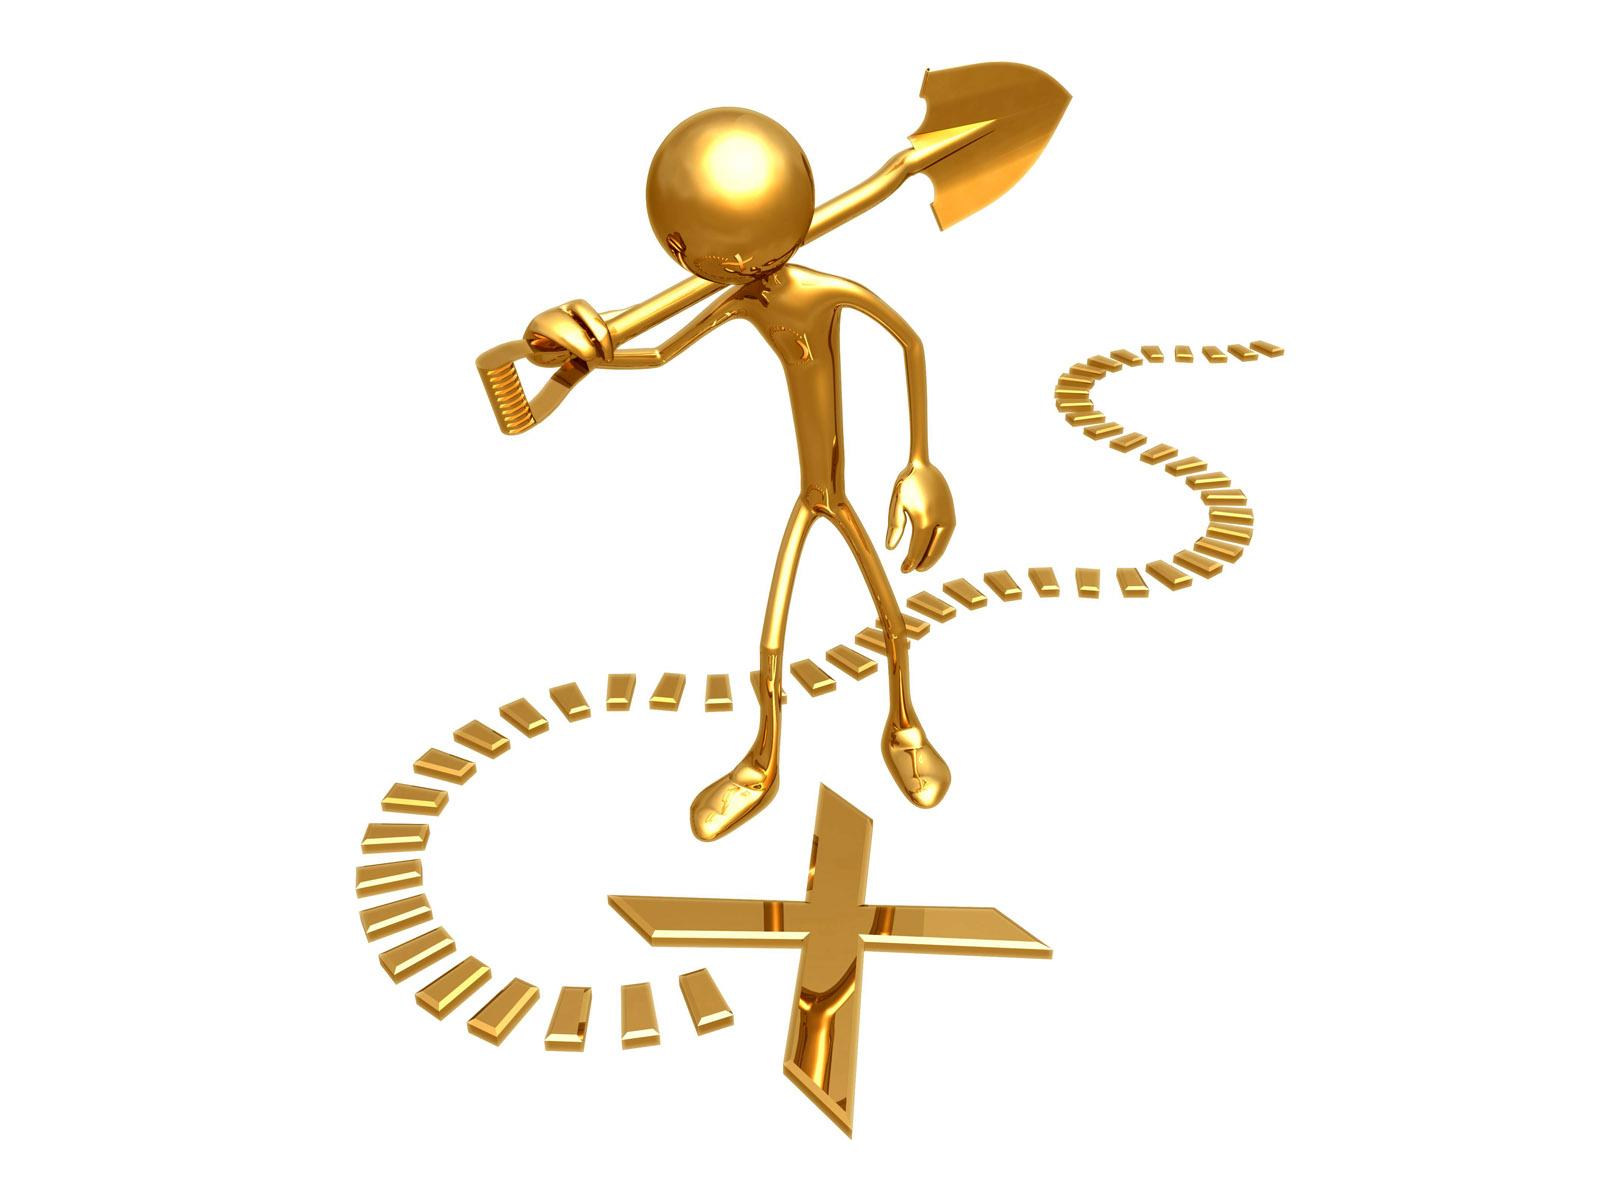 Картинка золотого человечка